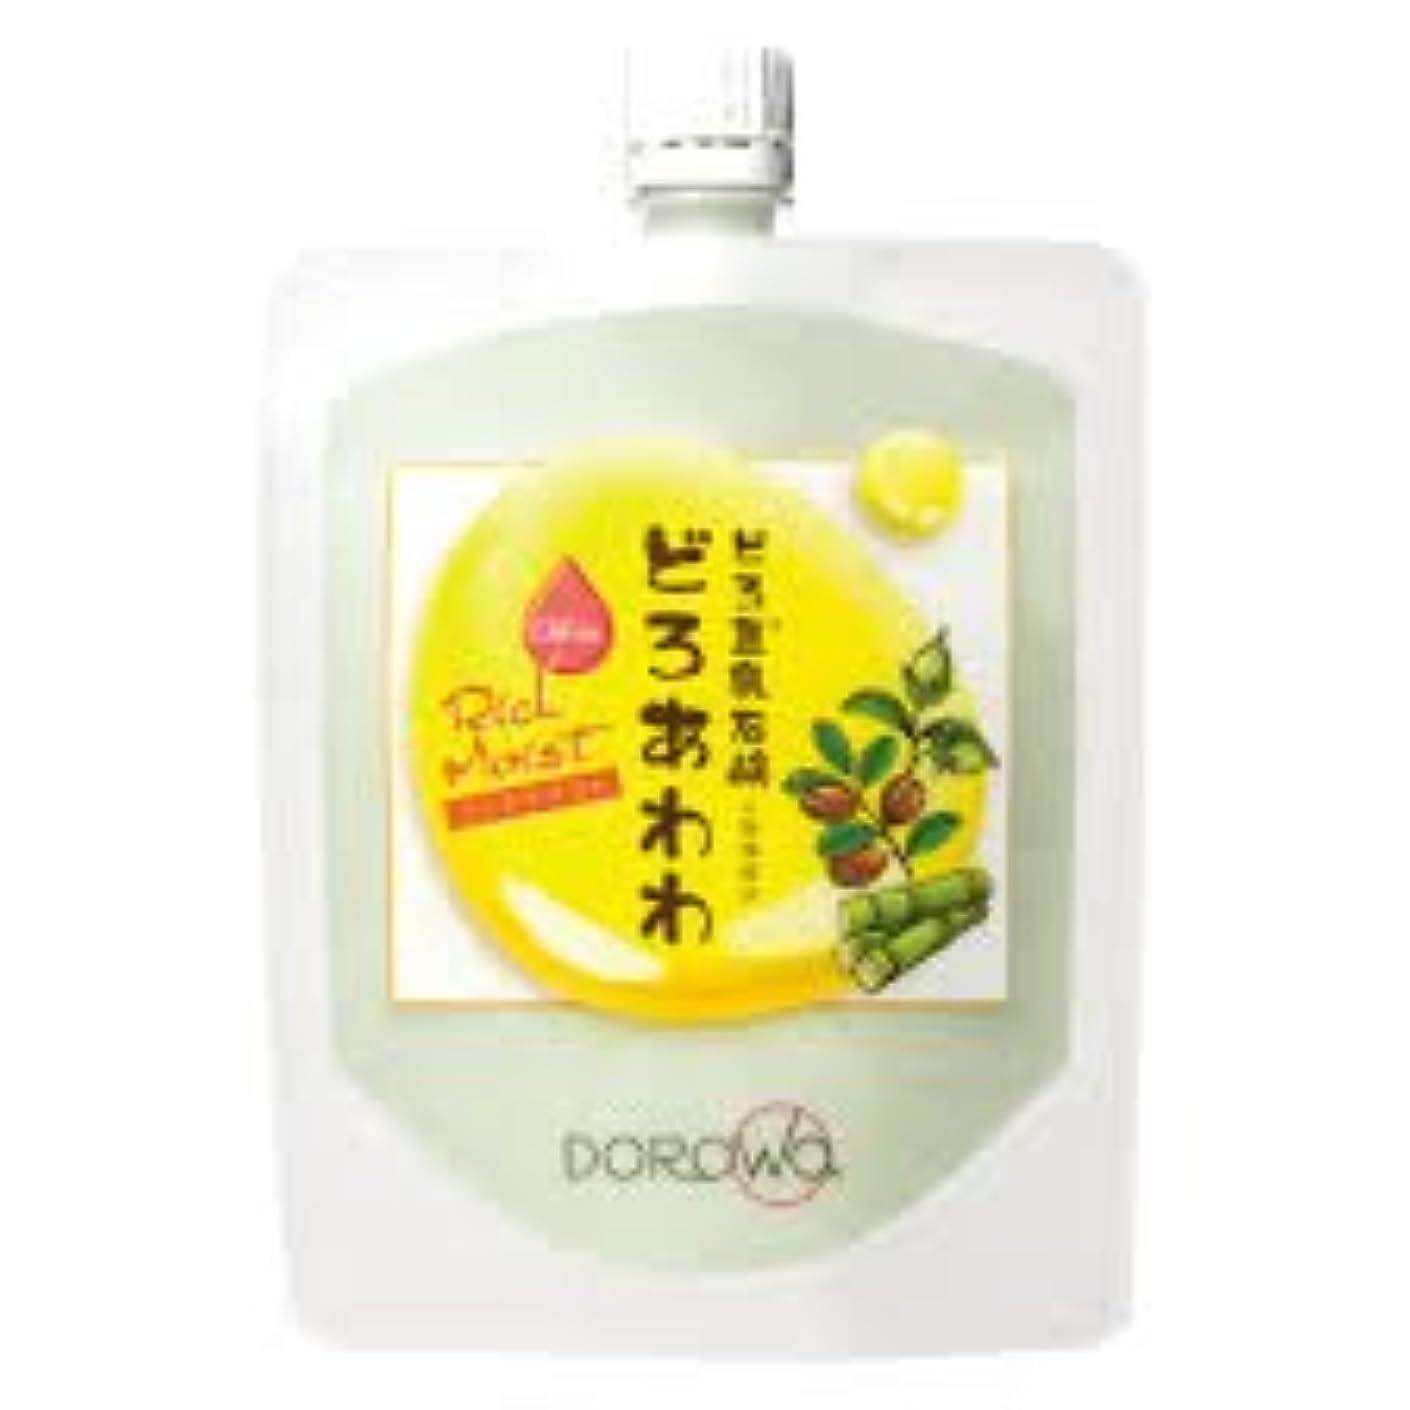 氏コーナー嫌がらせ【DOROwa(ドロワ)】どろ豆乳石鹸 どろあわわ〈リッチモイスト〉